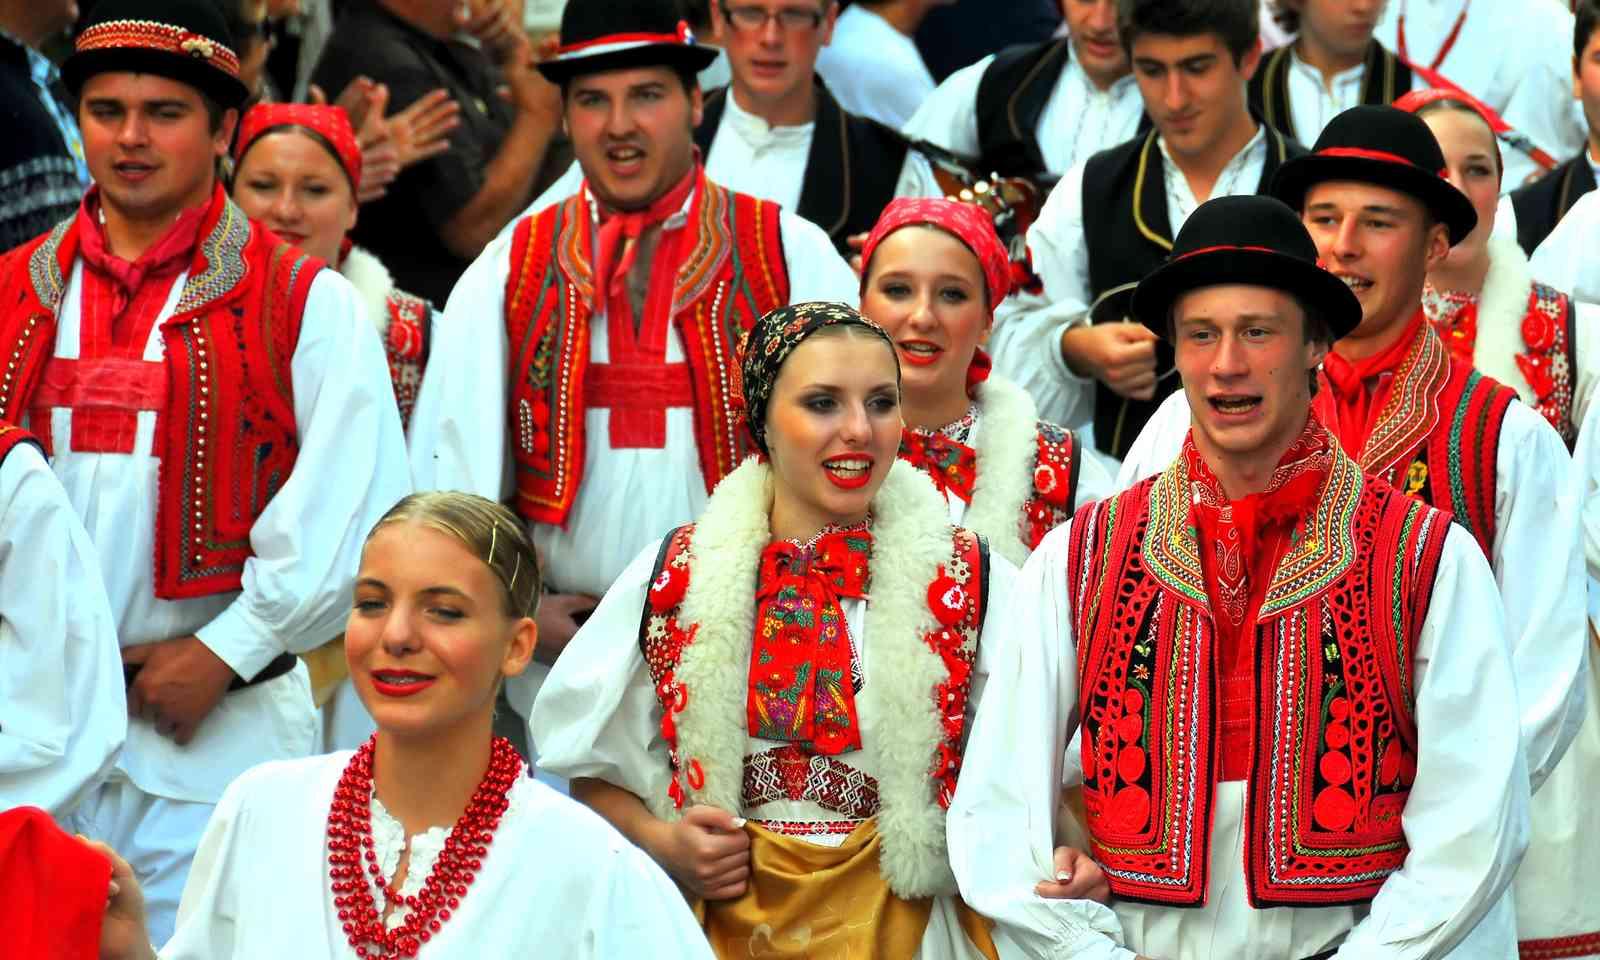 Dancers at the International Folklore Festival (Dreamstime)